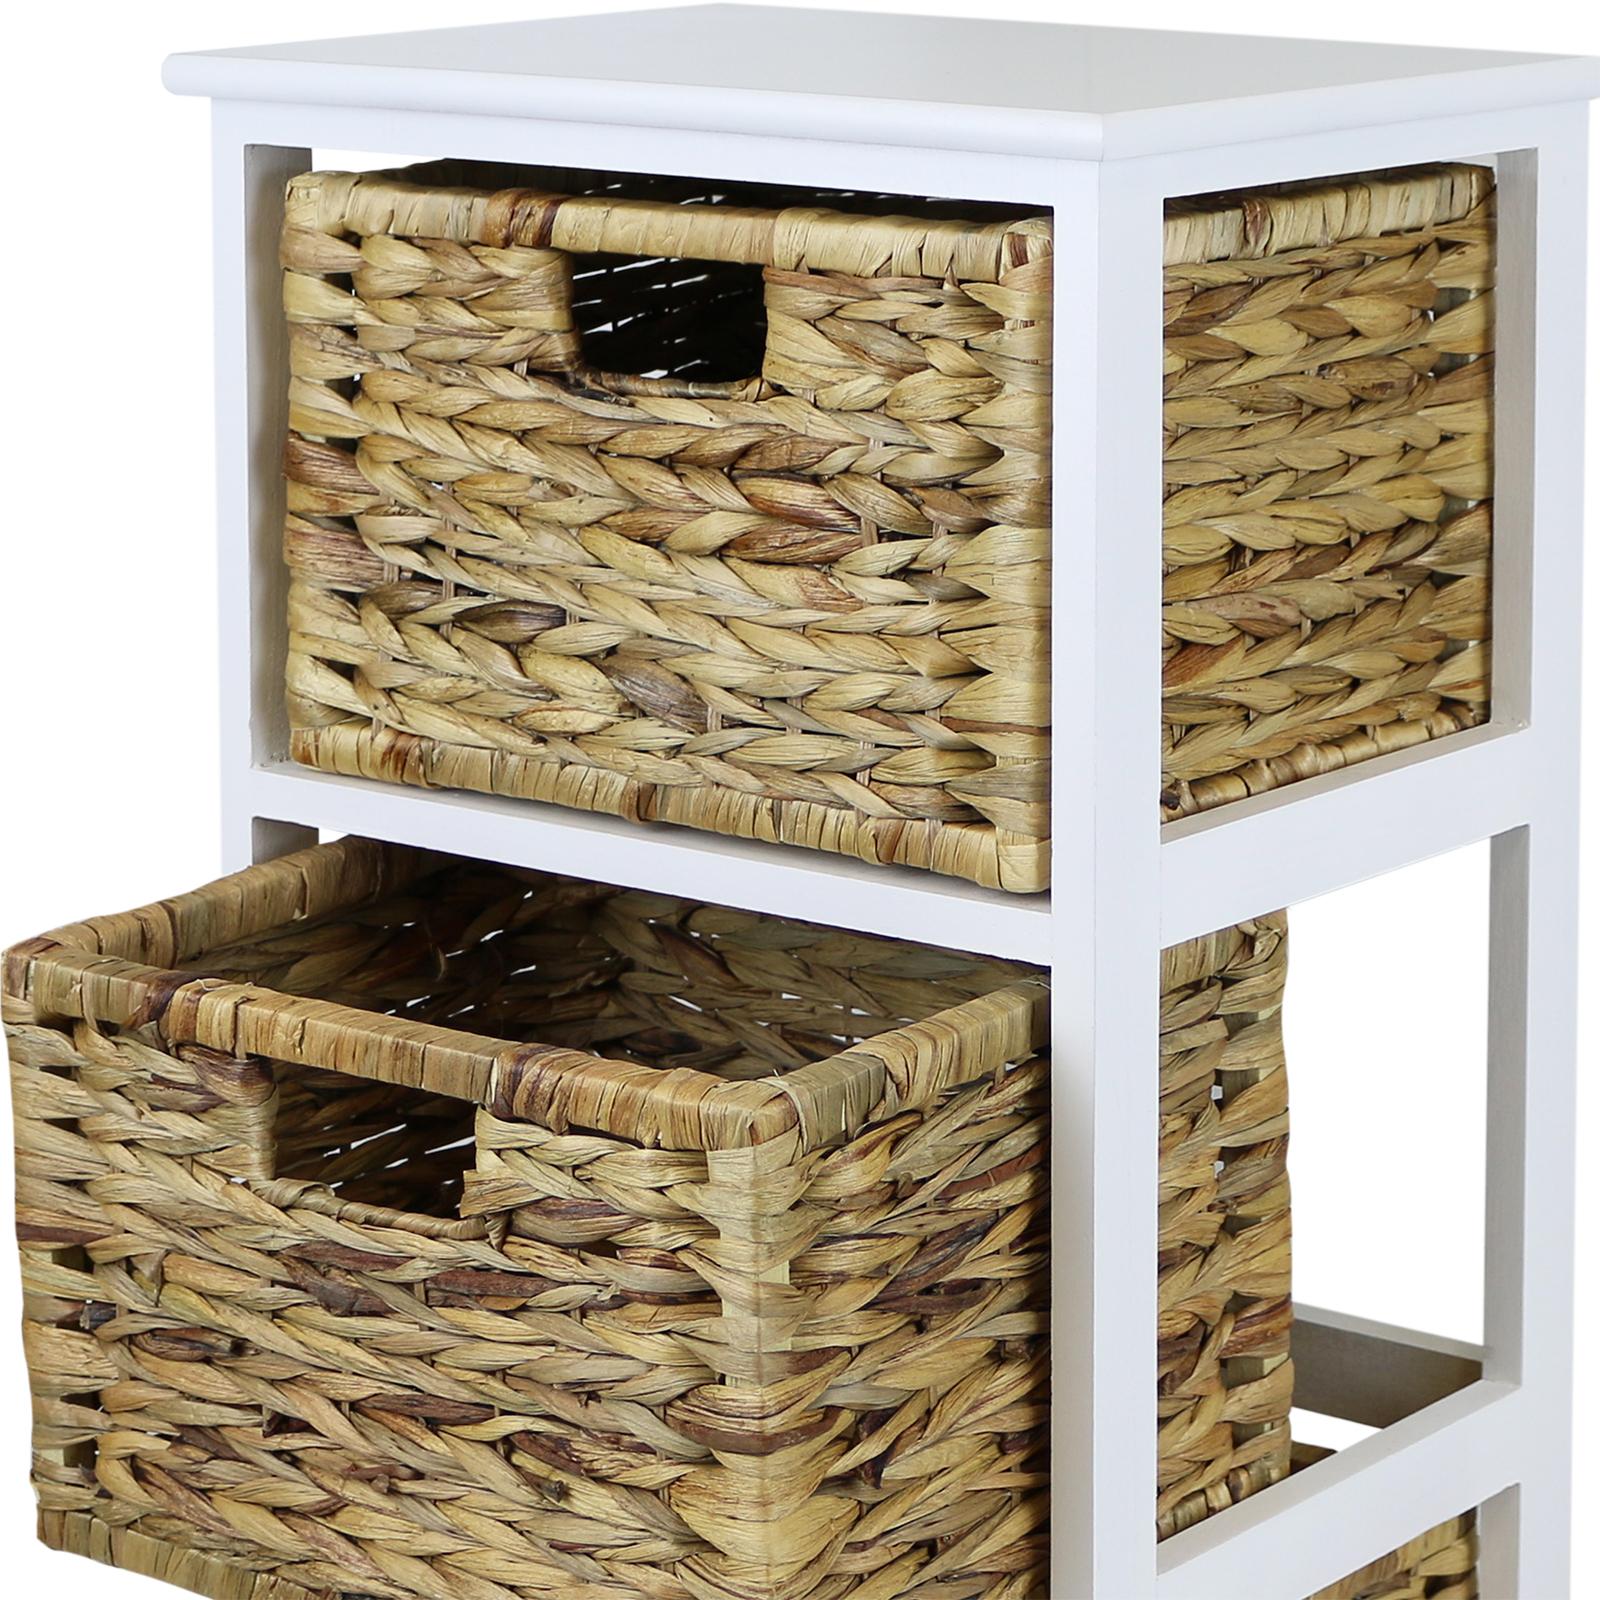 Wicker Bathroom Storage Drawers: HARTLEYS WHITE 3 BASKET CHEST HOME STORAGE UNIT WICKER